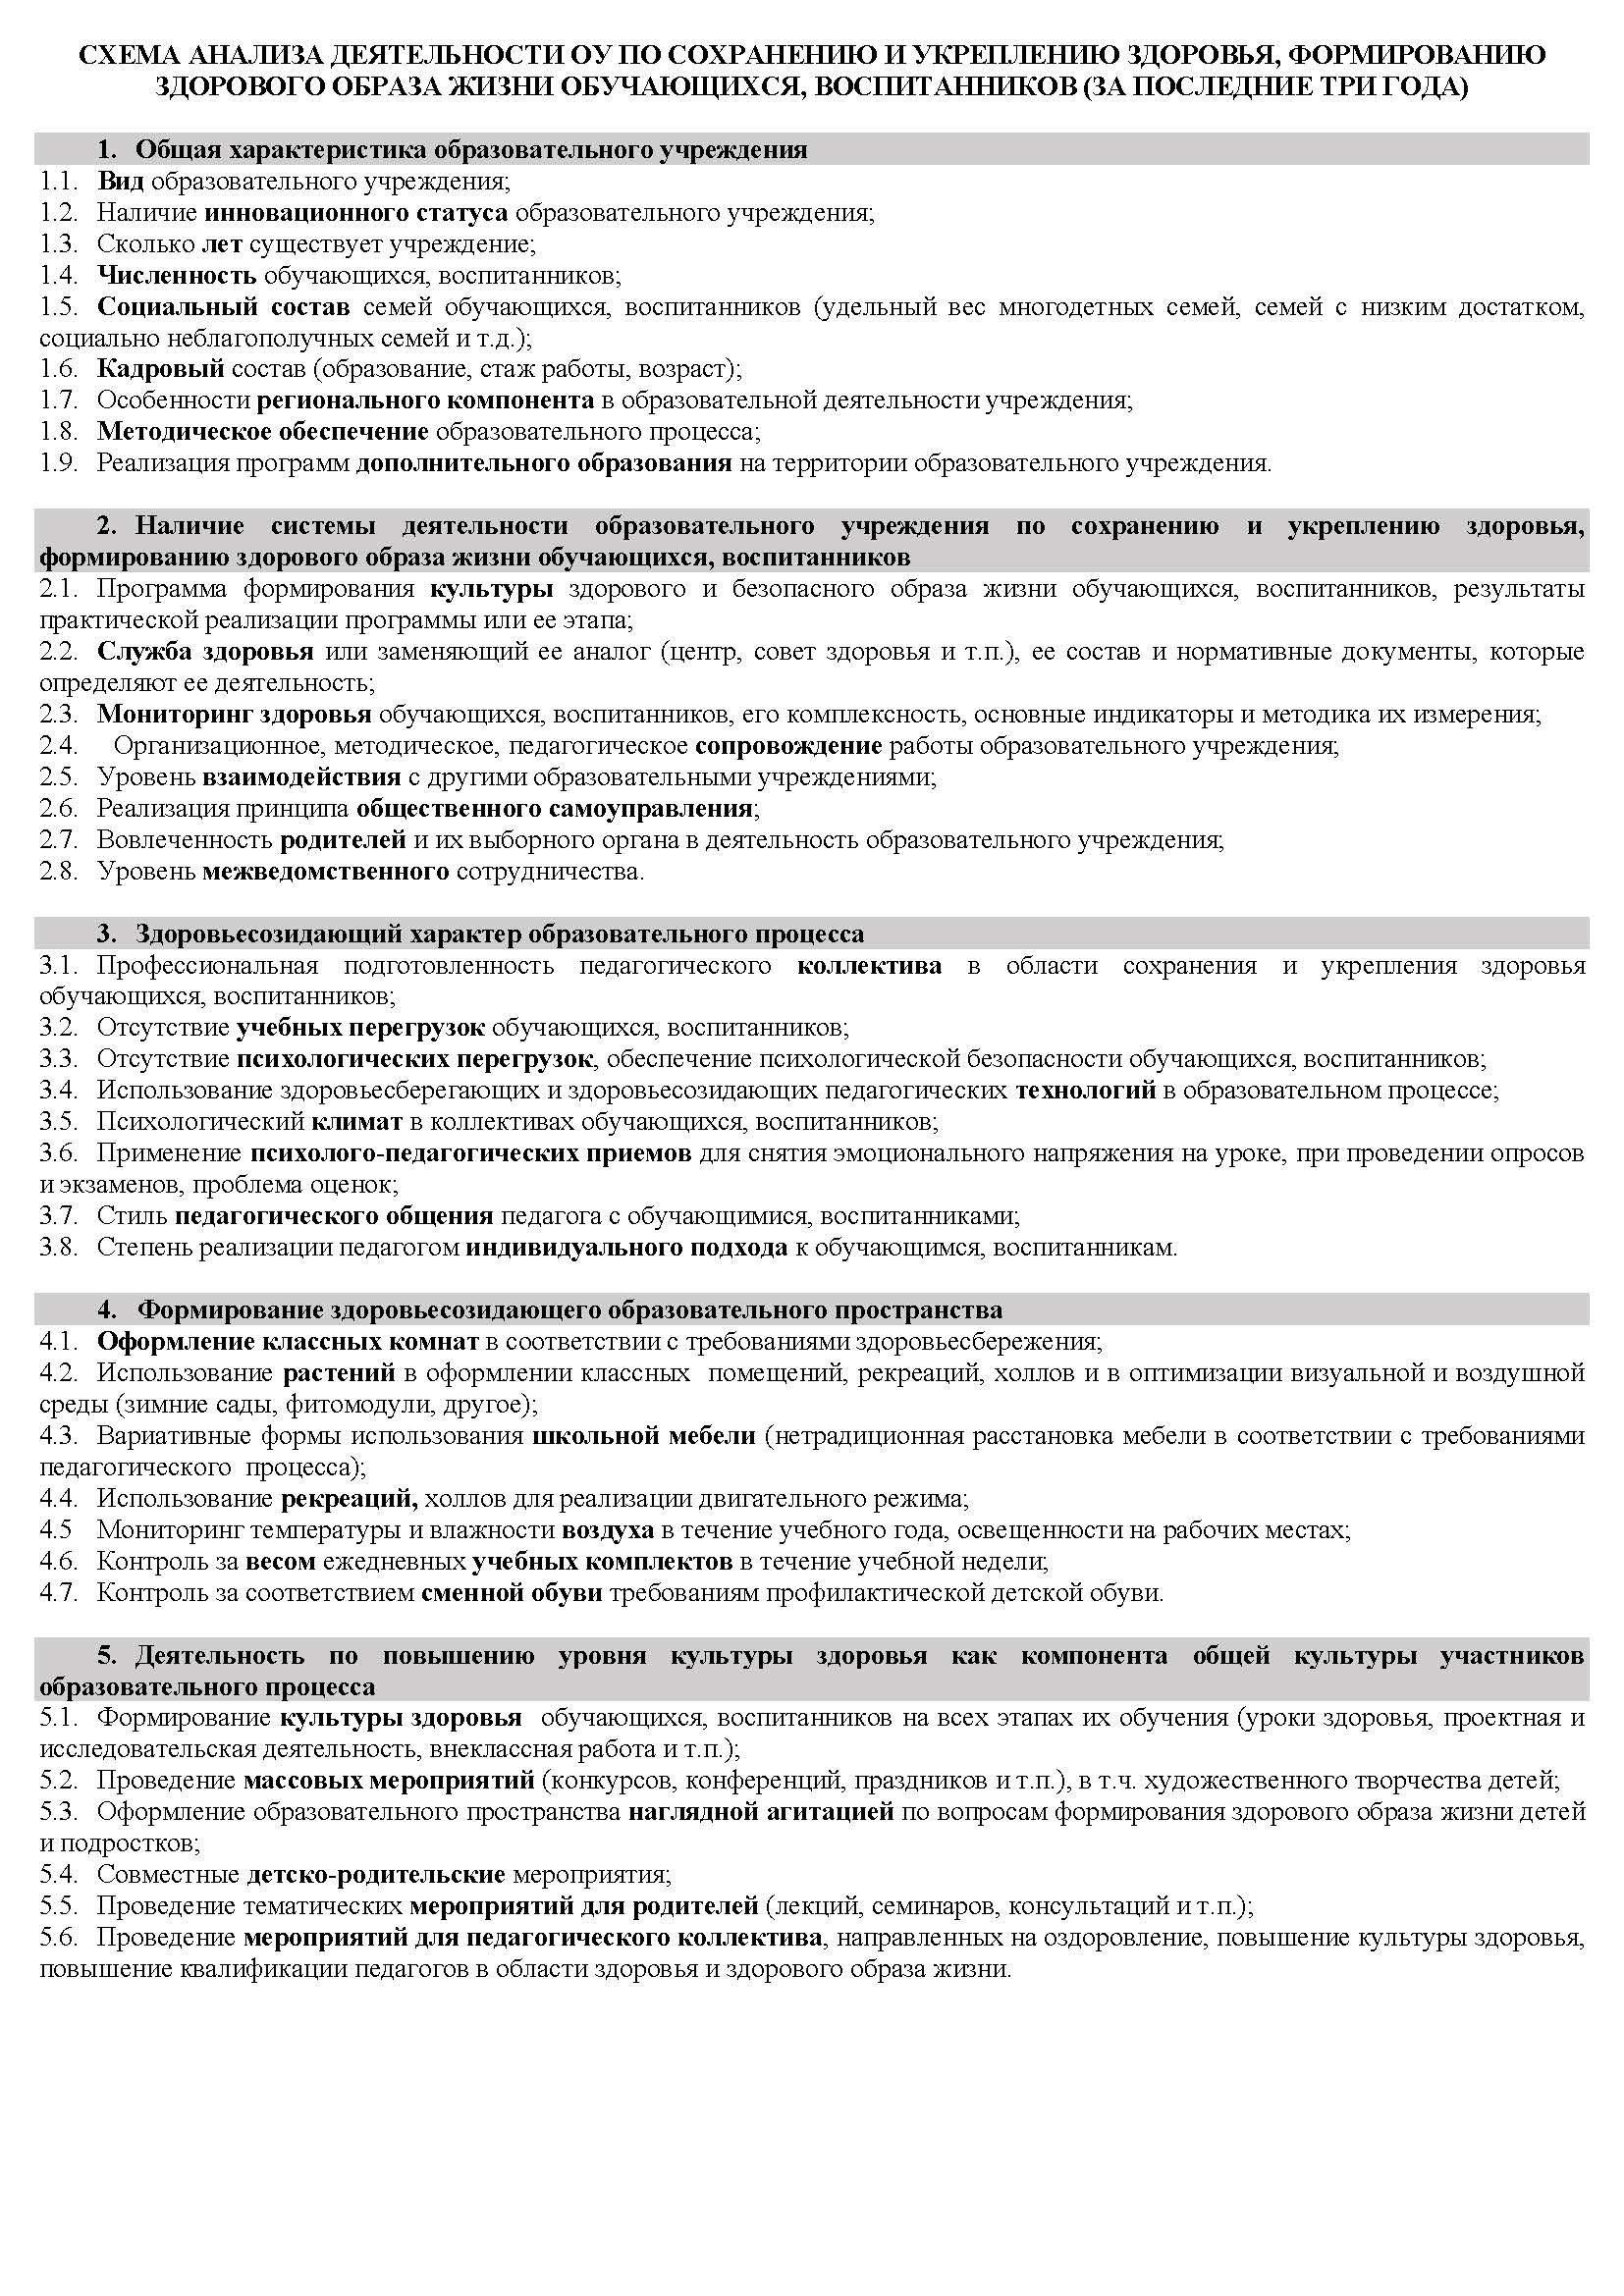 схематично требования города_Страница_1